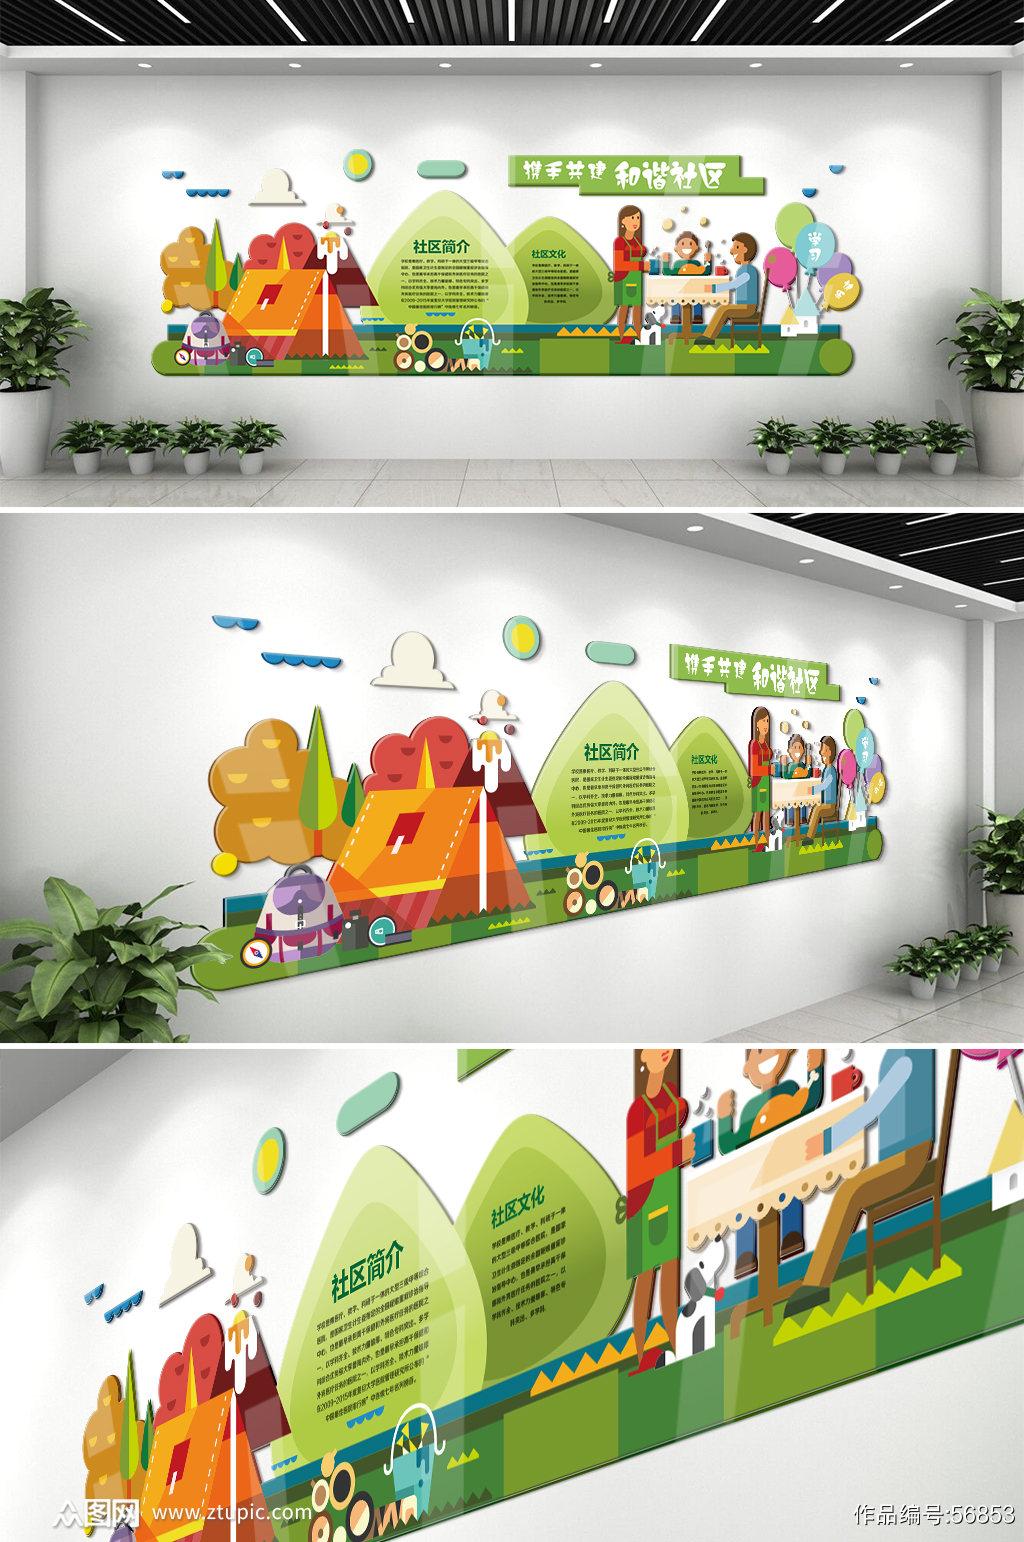 社区文化微立体文化墙素材